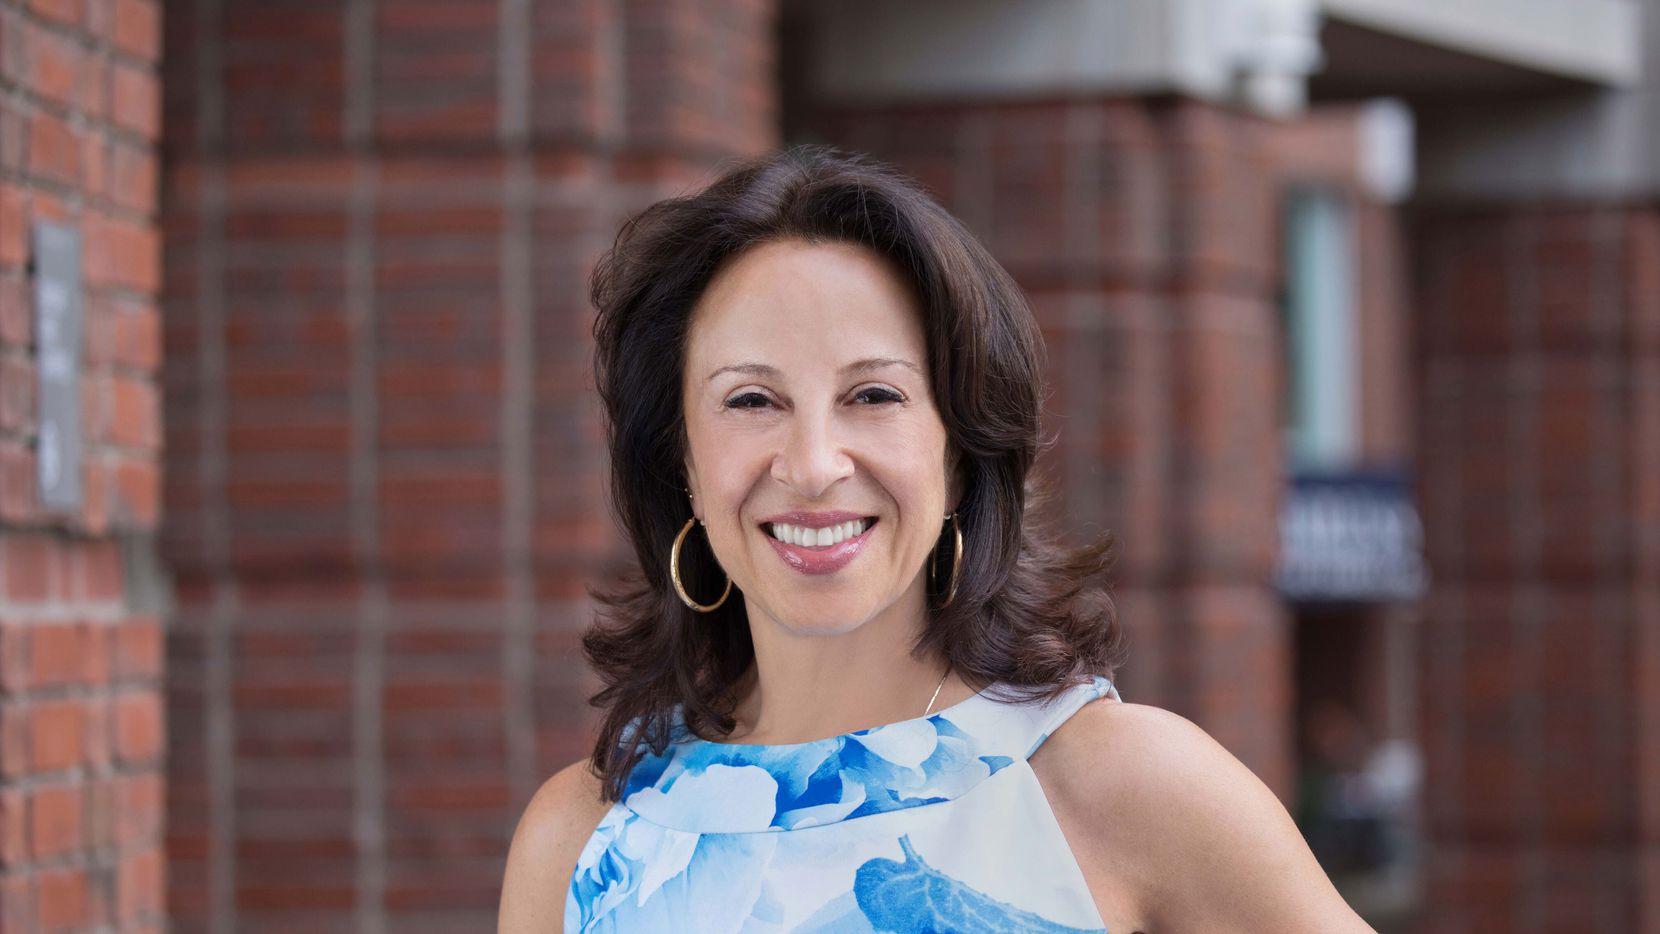 La periodista María Hinojosa participará de un panel sobre la historia de la inmigración como parte de la celebración del Mes de la Herencia Hispana en Dallas College.